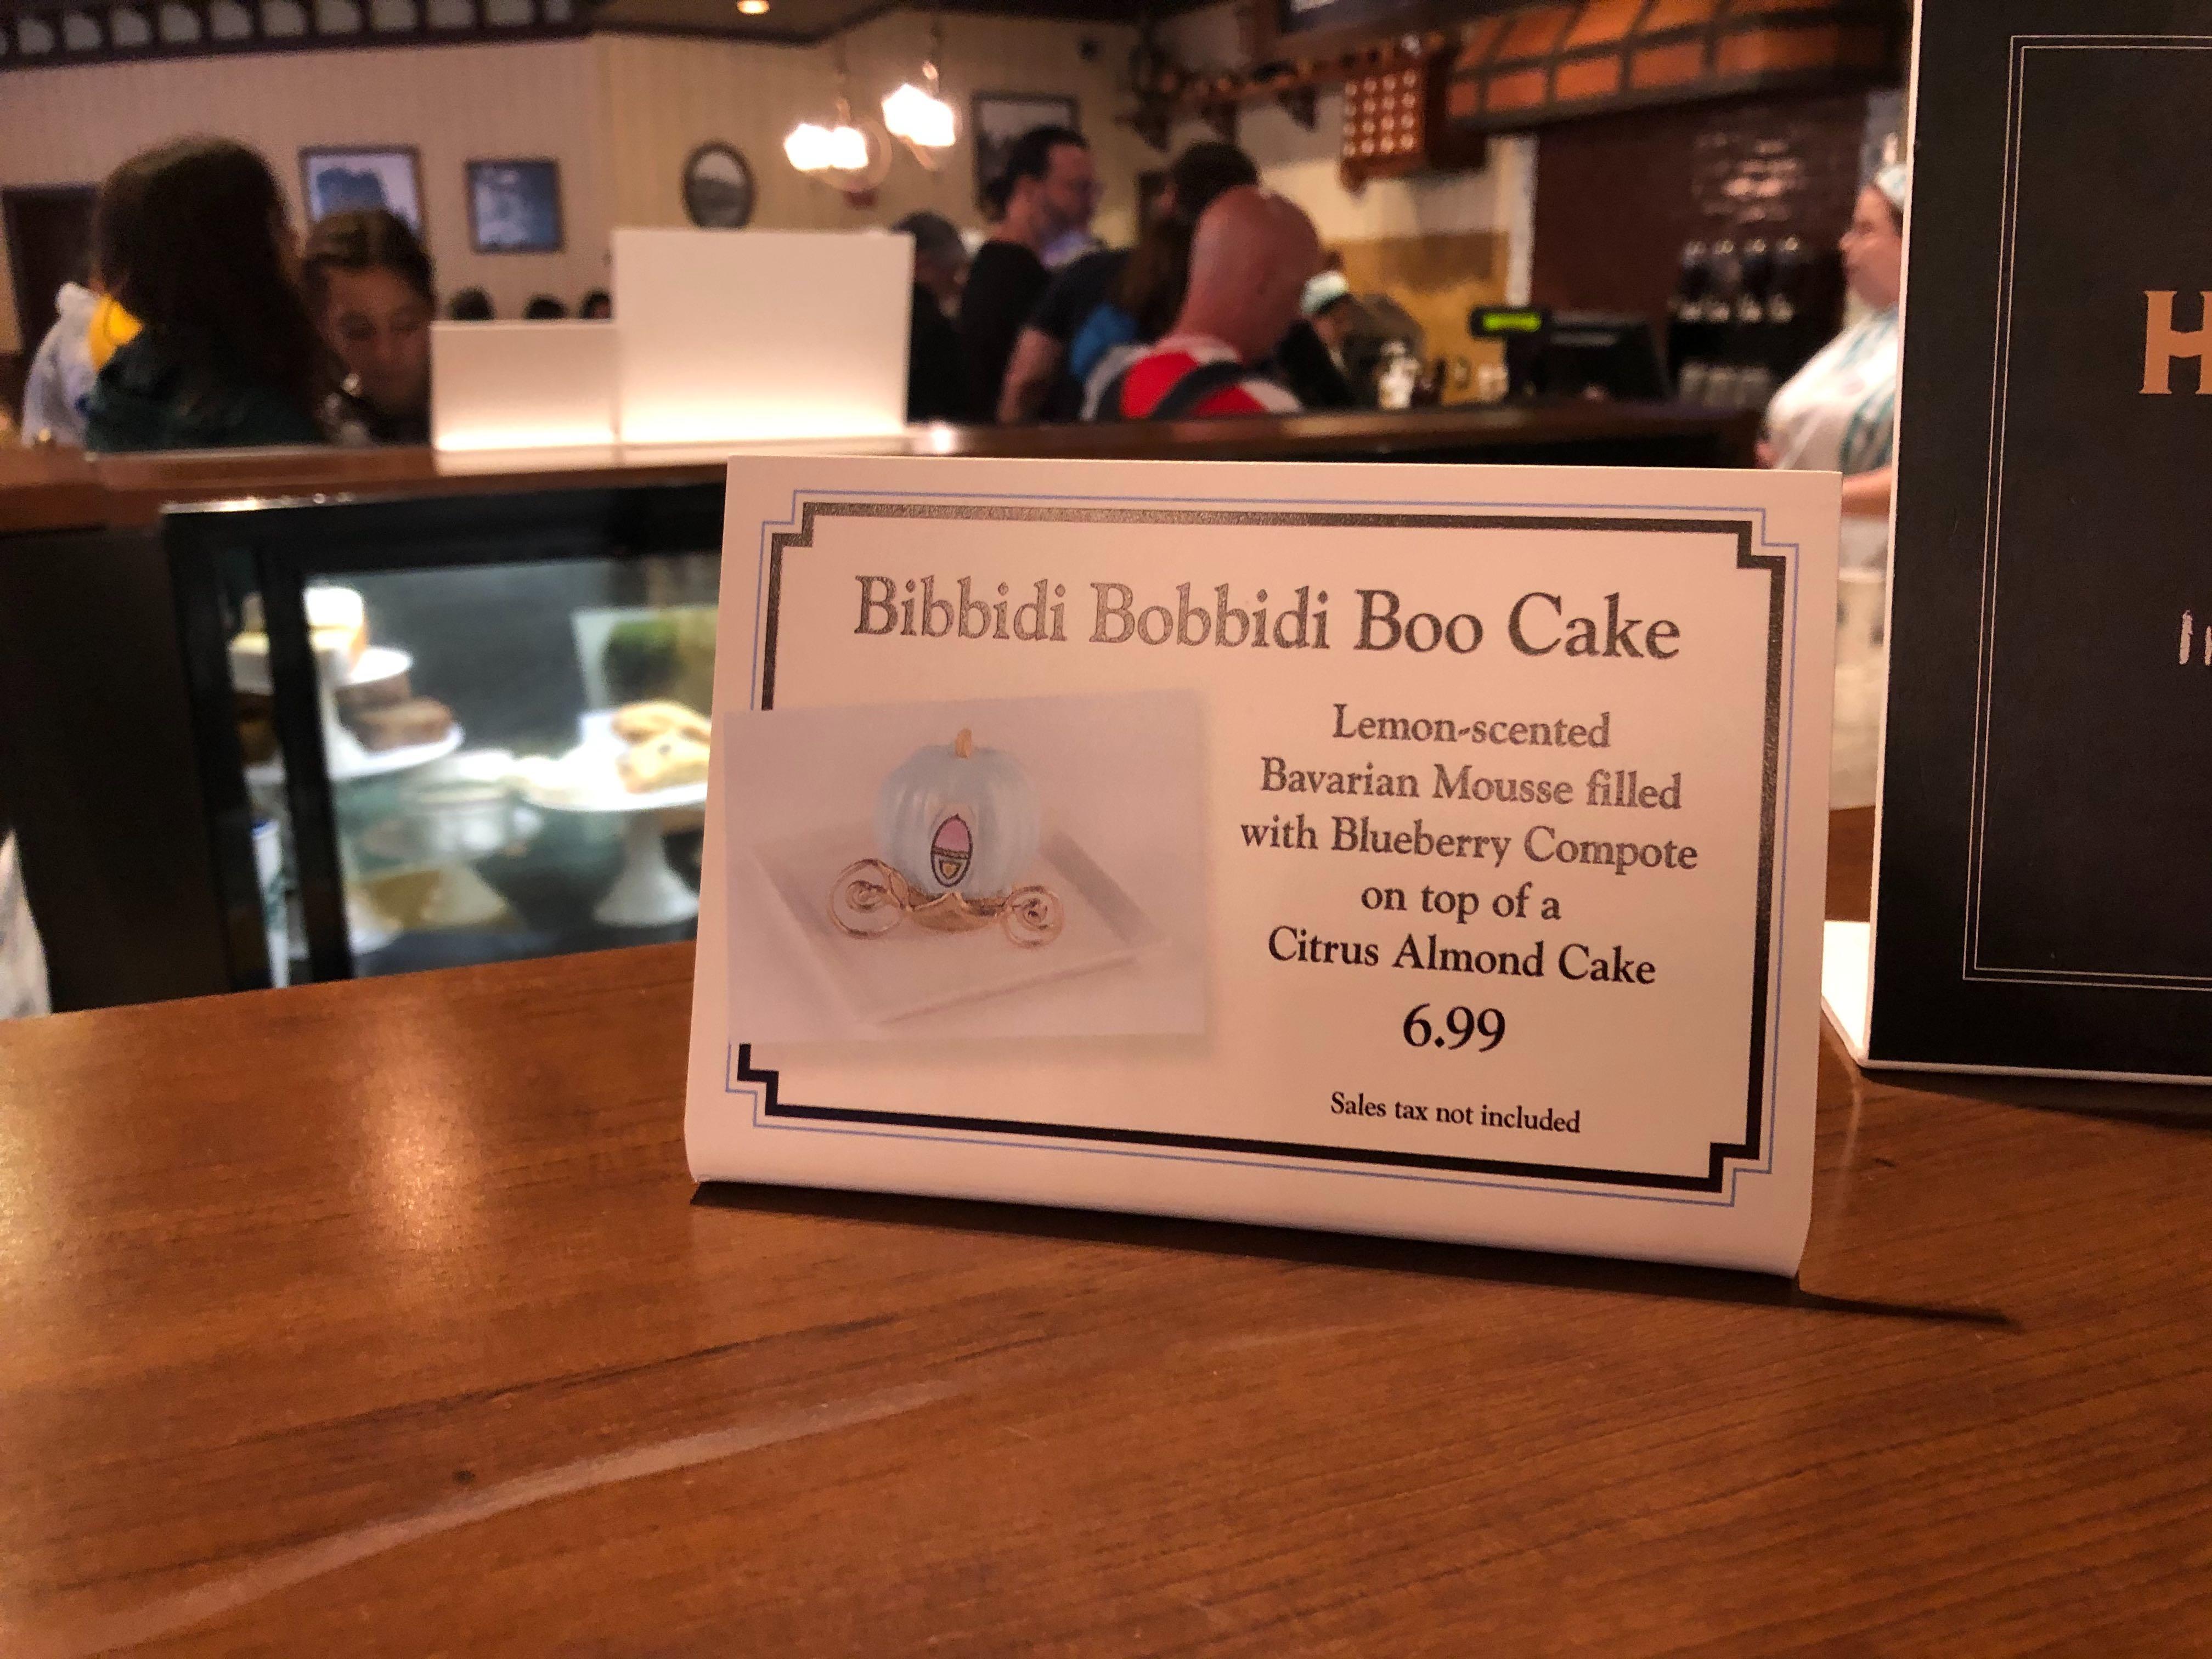 bibbidi-bobbidi-boo-cake-02-01-2020-2.jpg